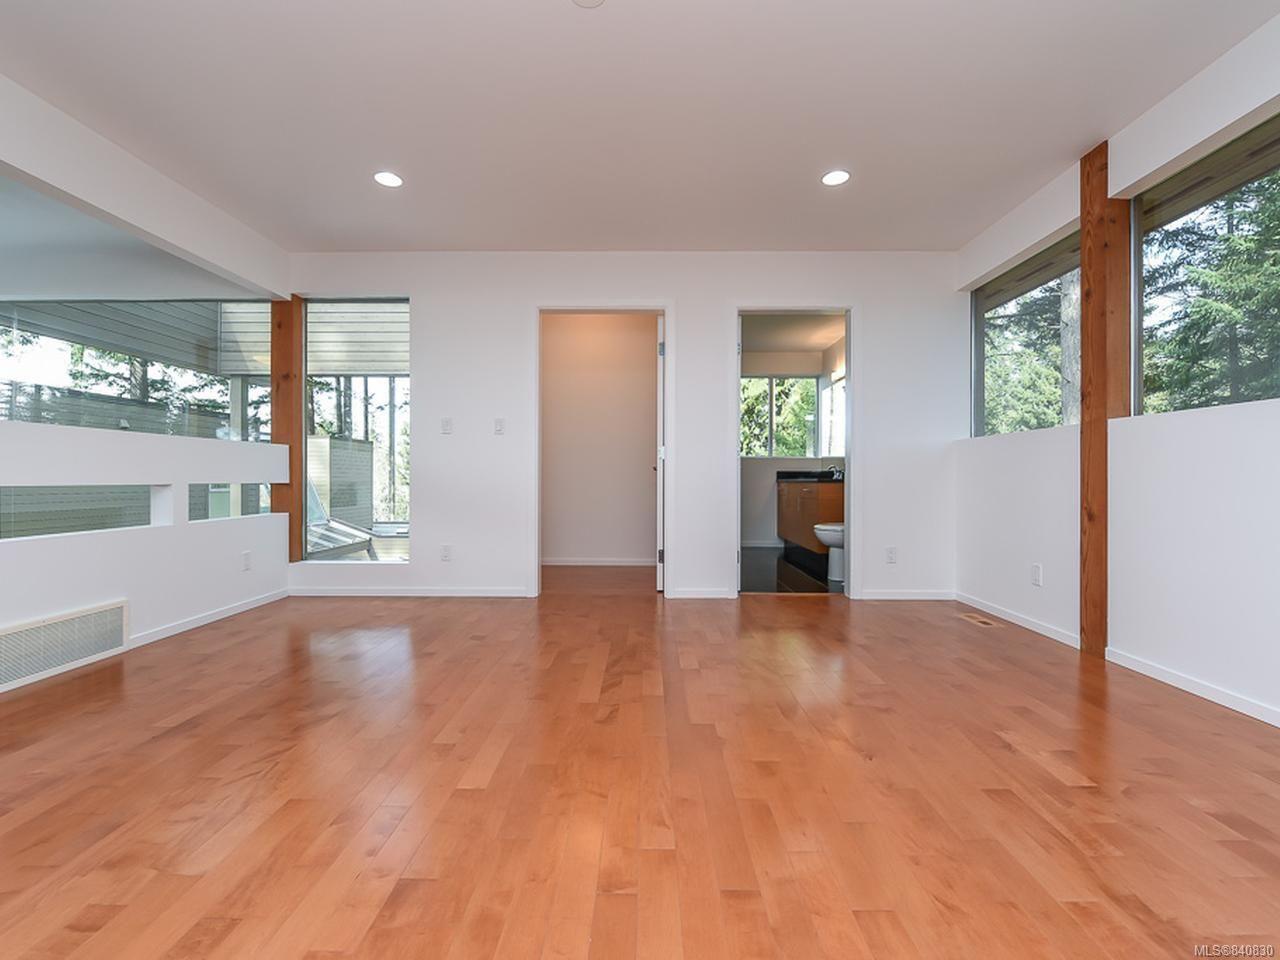 Photo 33: Photos: 1156 Moore Rd in COMOX: CV Comox Peninsula House for sale (Comox Valley)  : MLS®# 840830